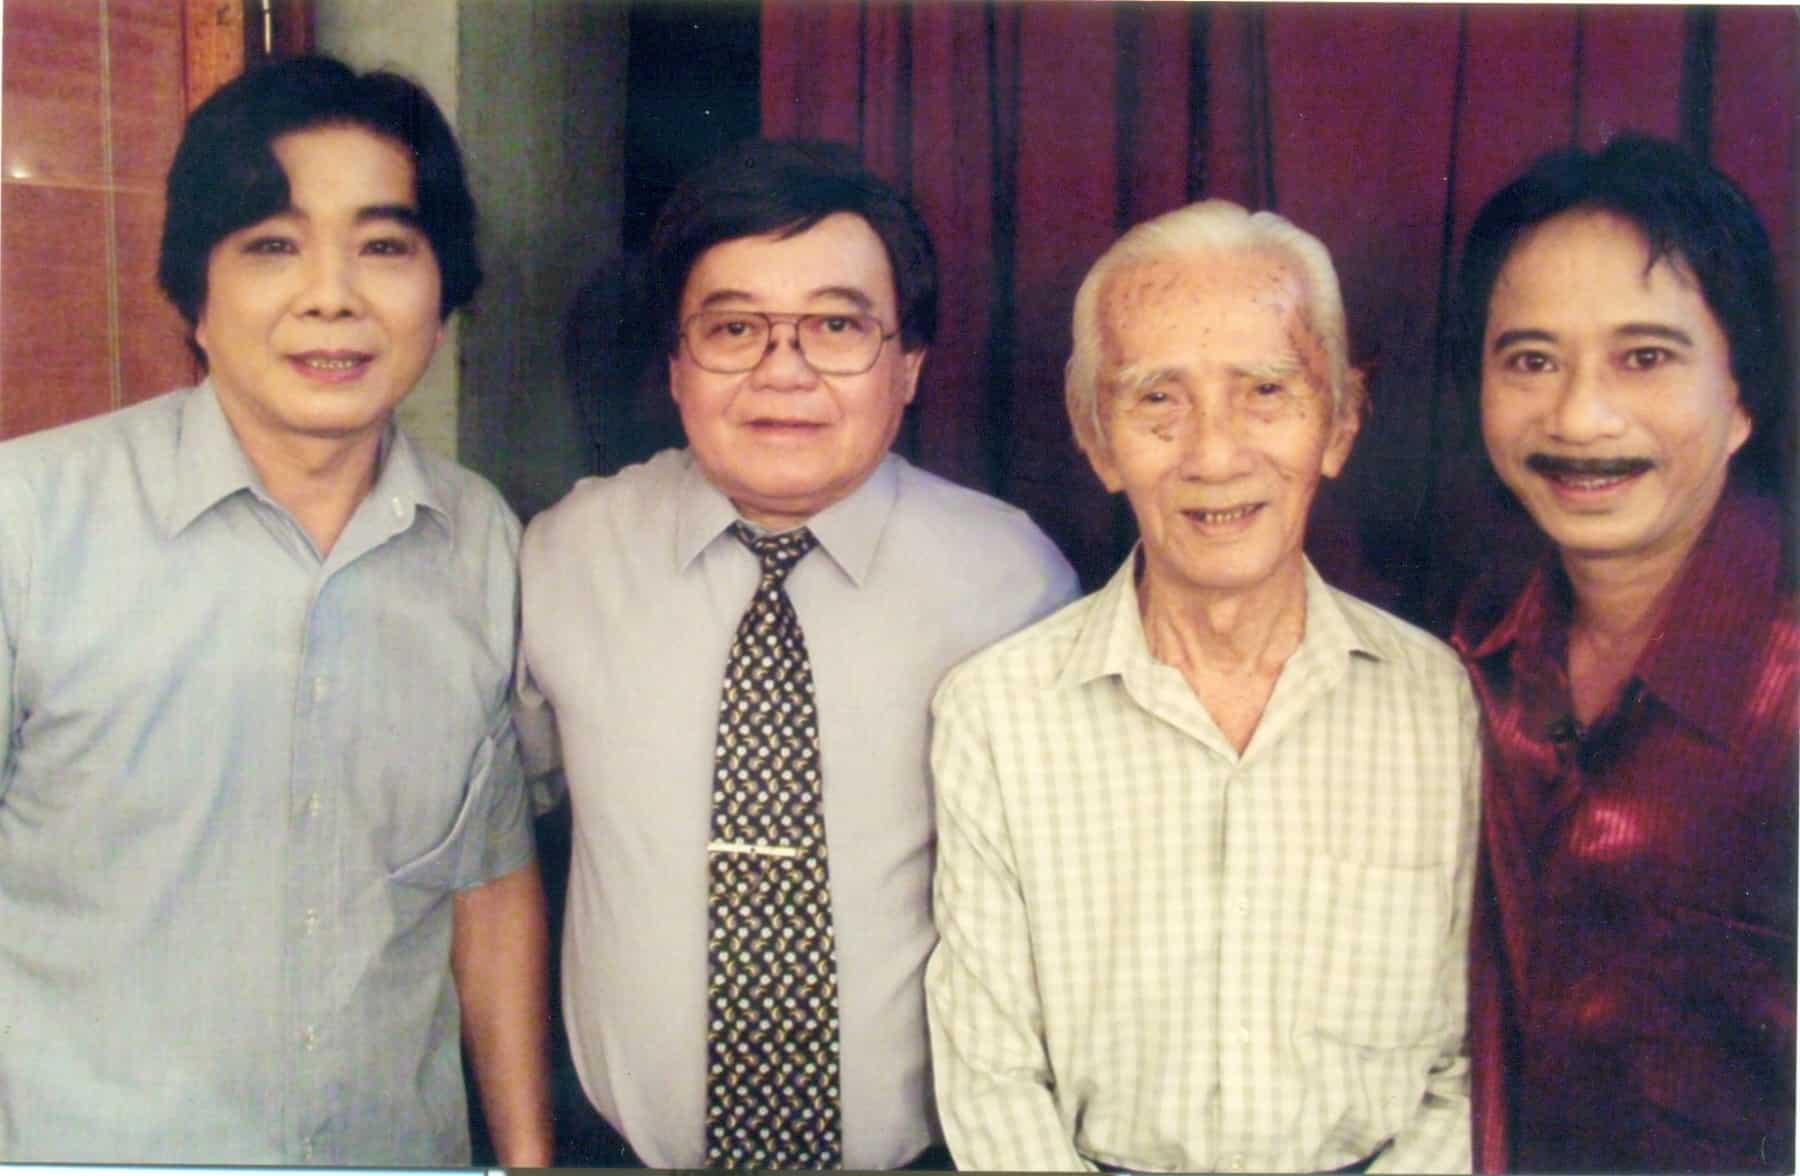 NSND Trọng Hữu, NS Thanh Hải, SG Viễn Châu và danh hài Bảo Chung trong hậu trường rạp Hưng Đạo năm 2005